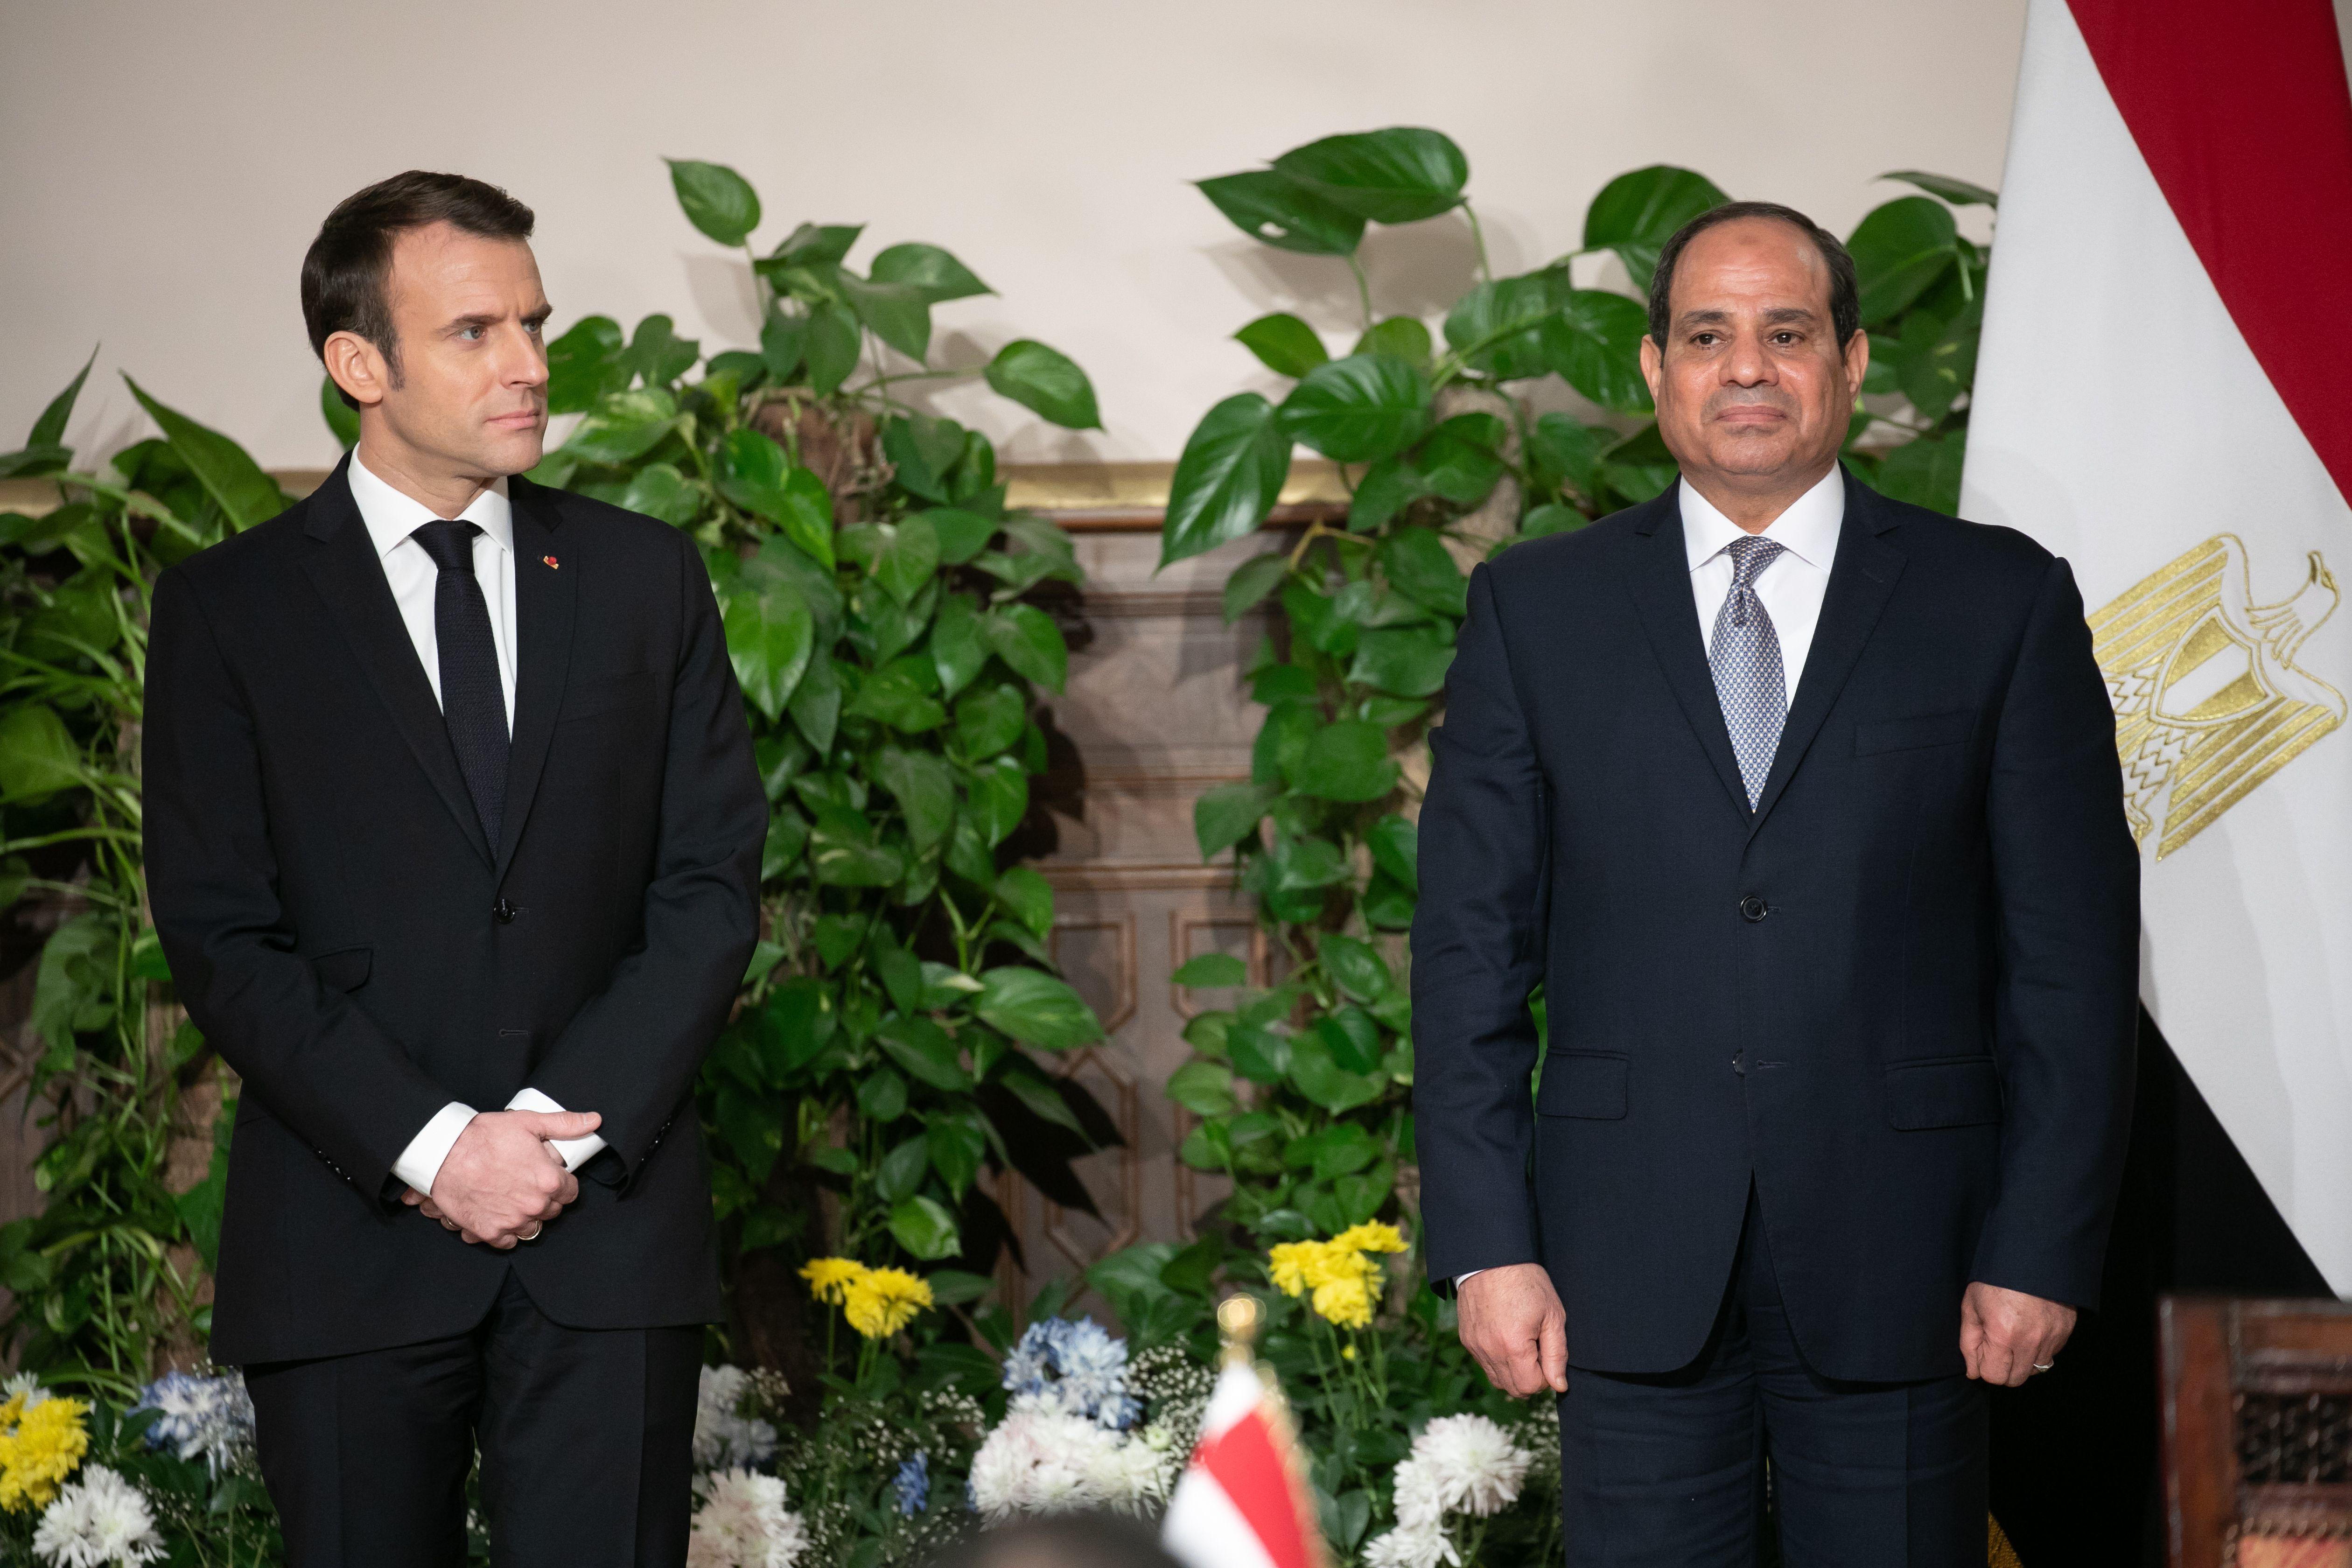 Emmanuel Macron et Abdel Fattah Al-Sissi, lors de leur conférence de presse commune, au Caire le lundi 28 janvier.